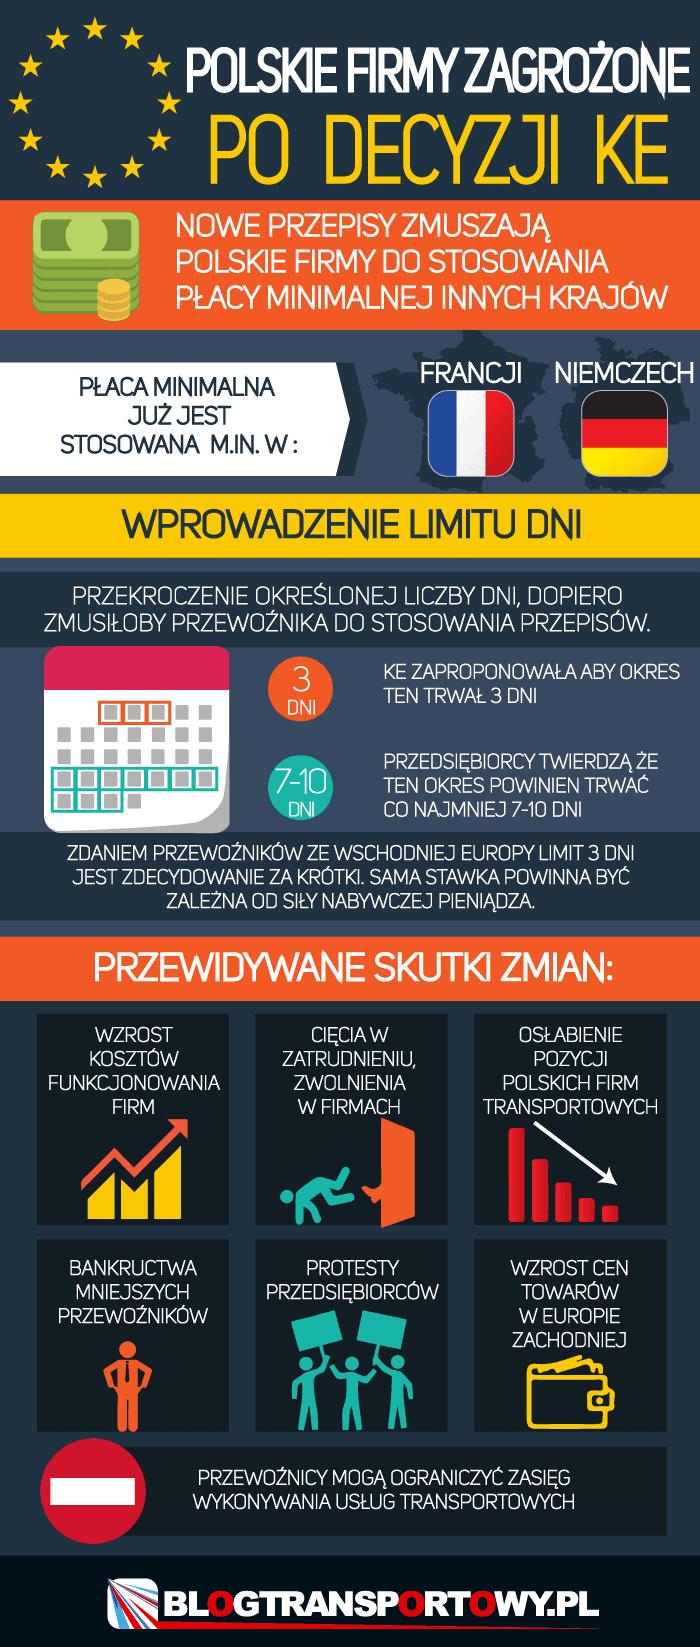 Polskie firmy zagrożone po decyzji KE